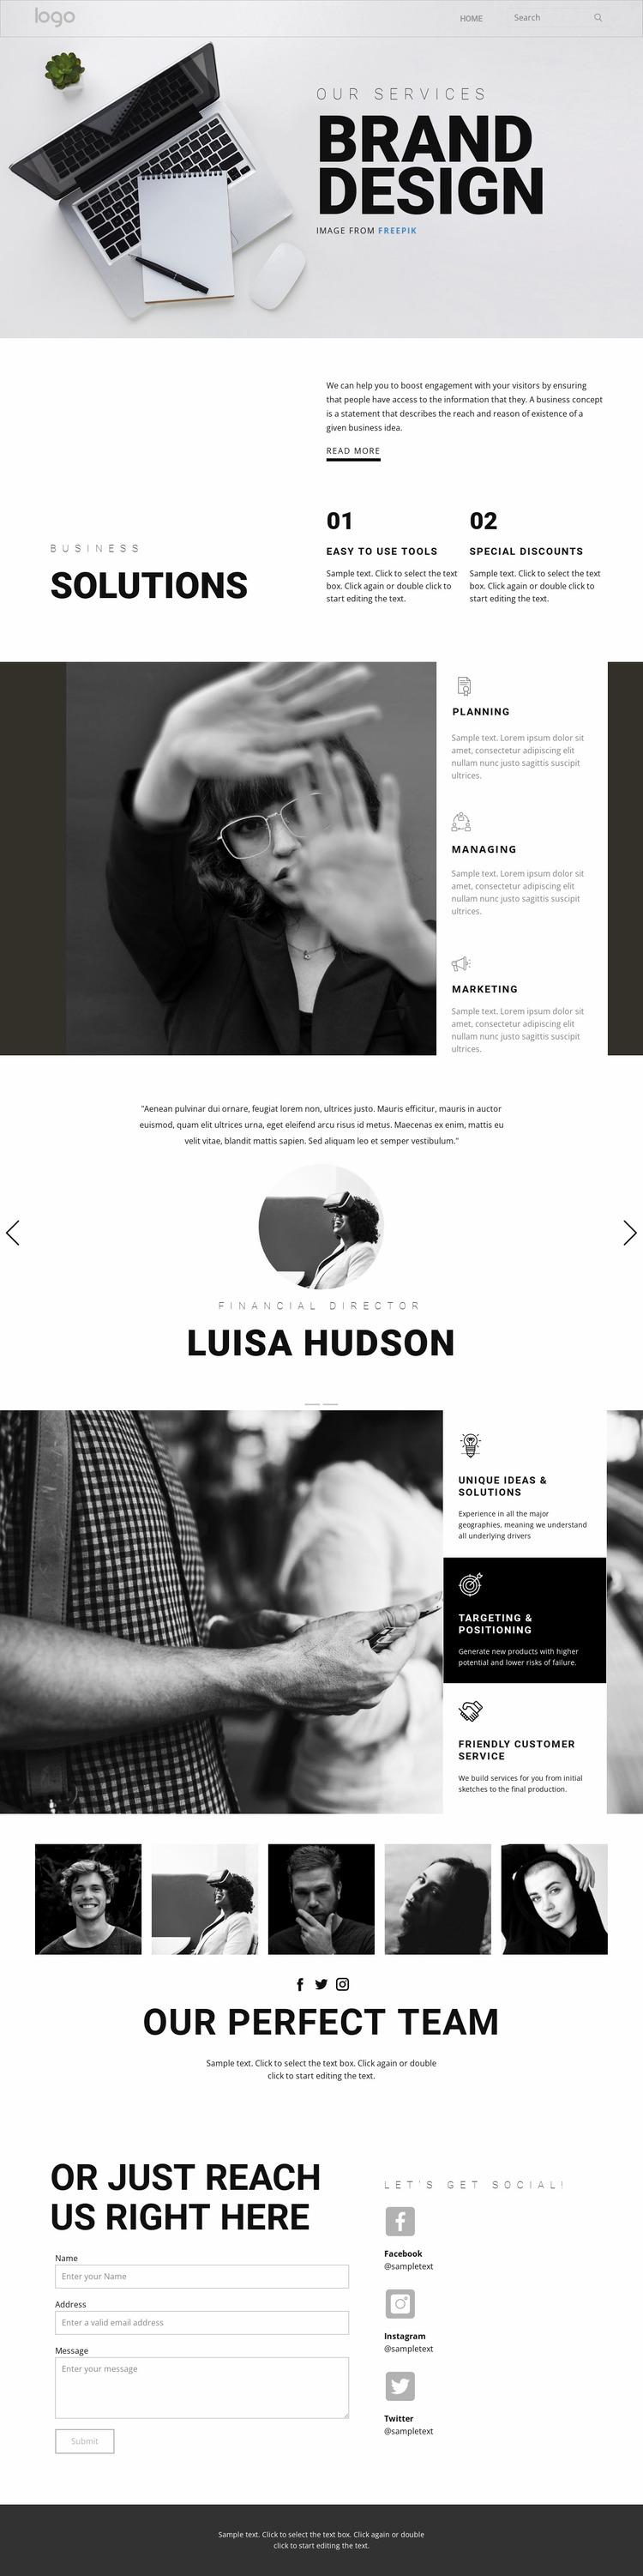 Doing branding for business Website Mockup